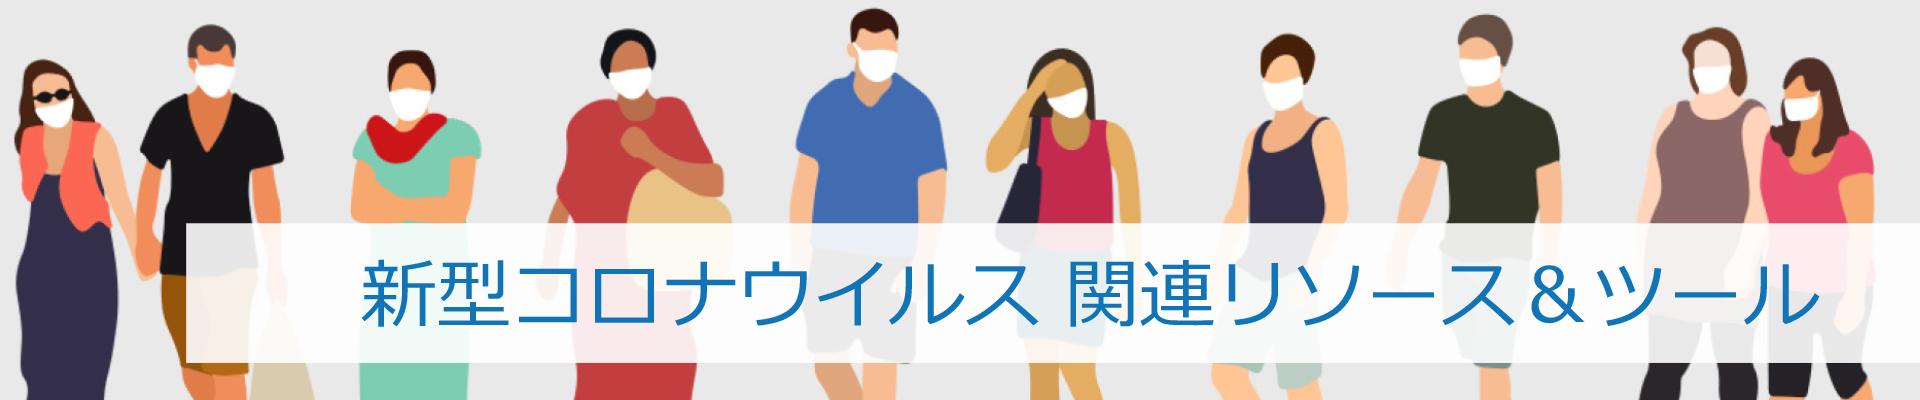 新型コロナウイルス関連リソース&ツール